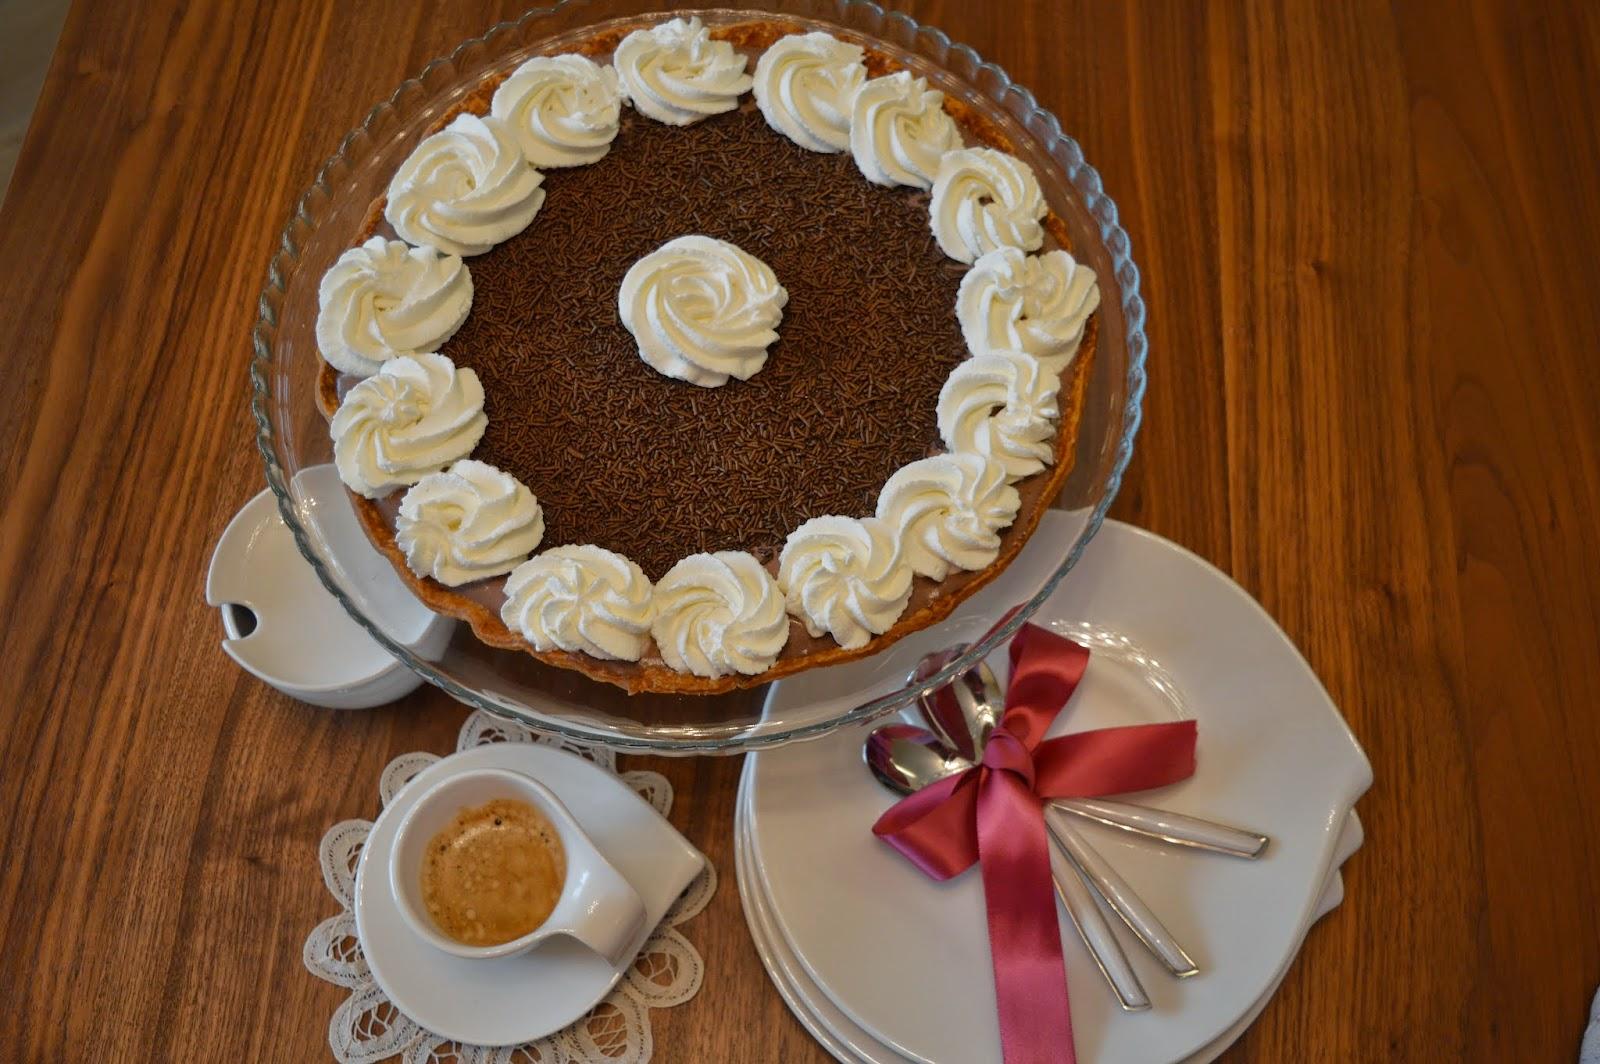 Sfoglia croccante con mousse al cioccolato e caffé